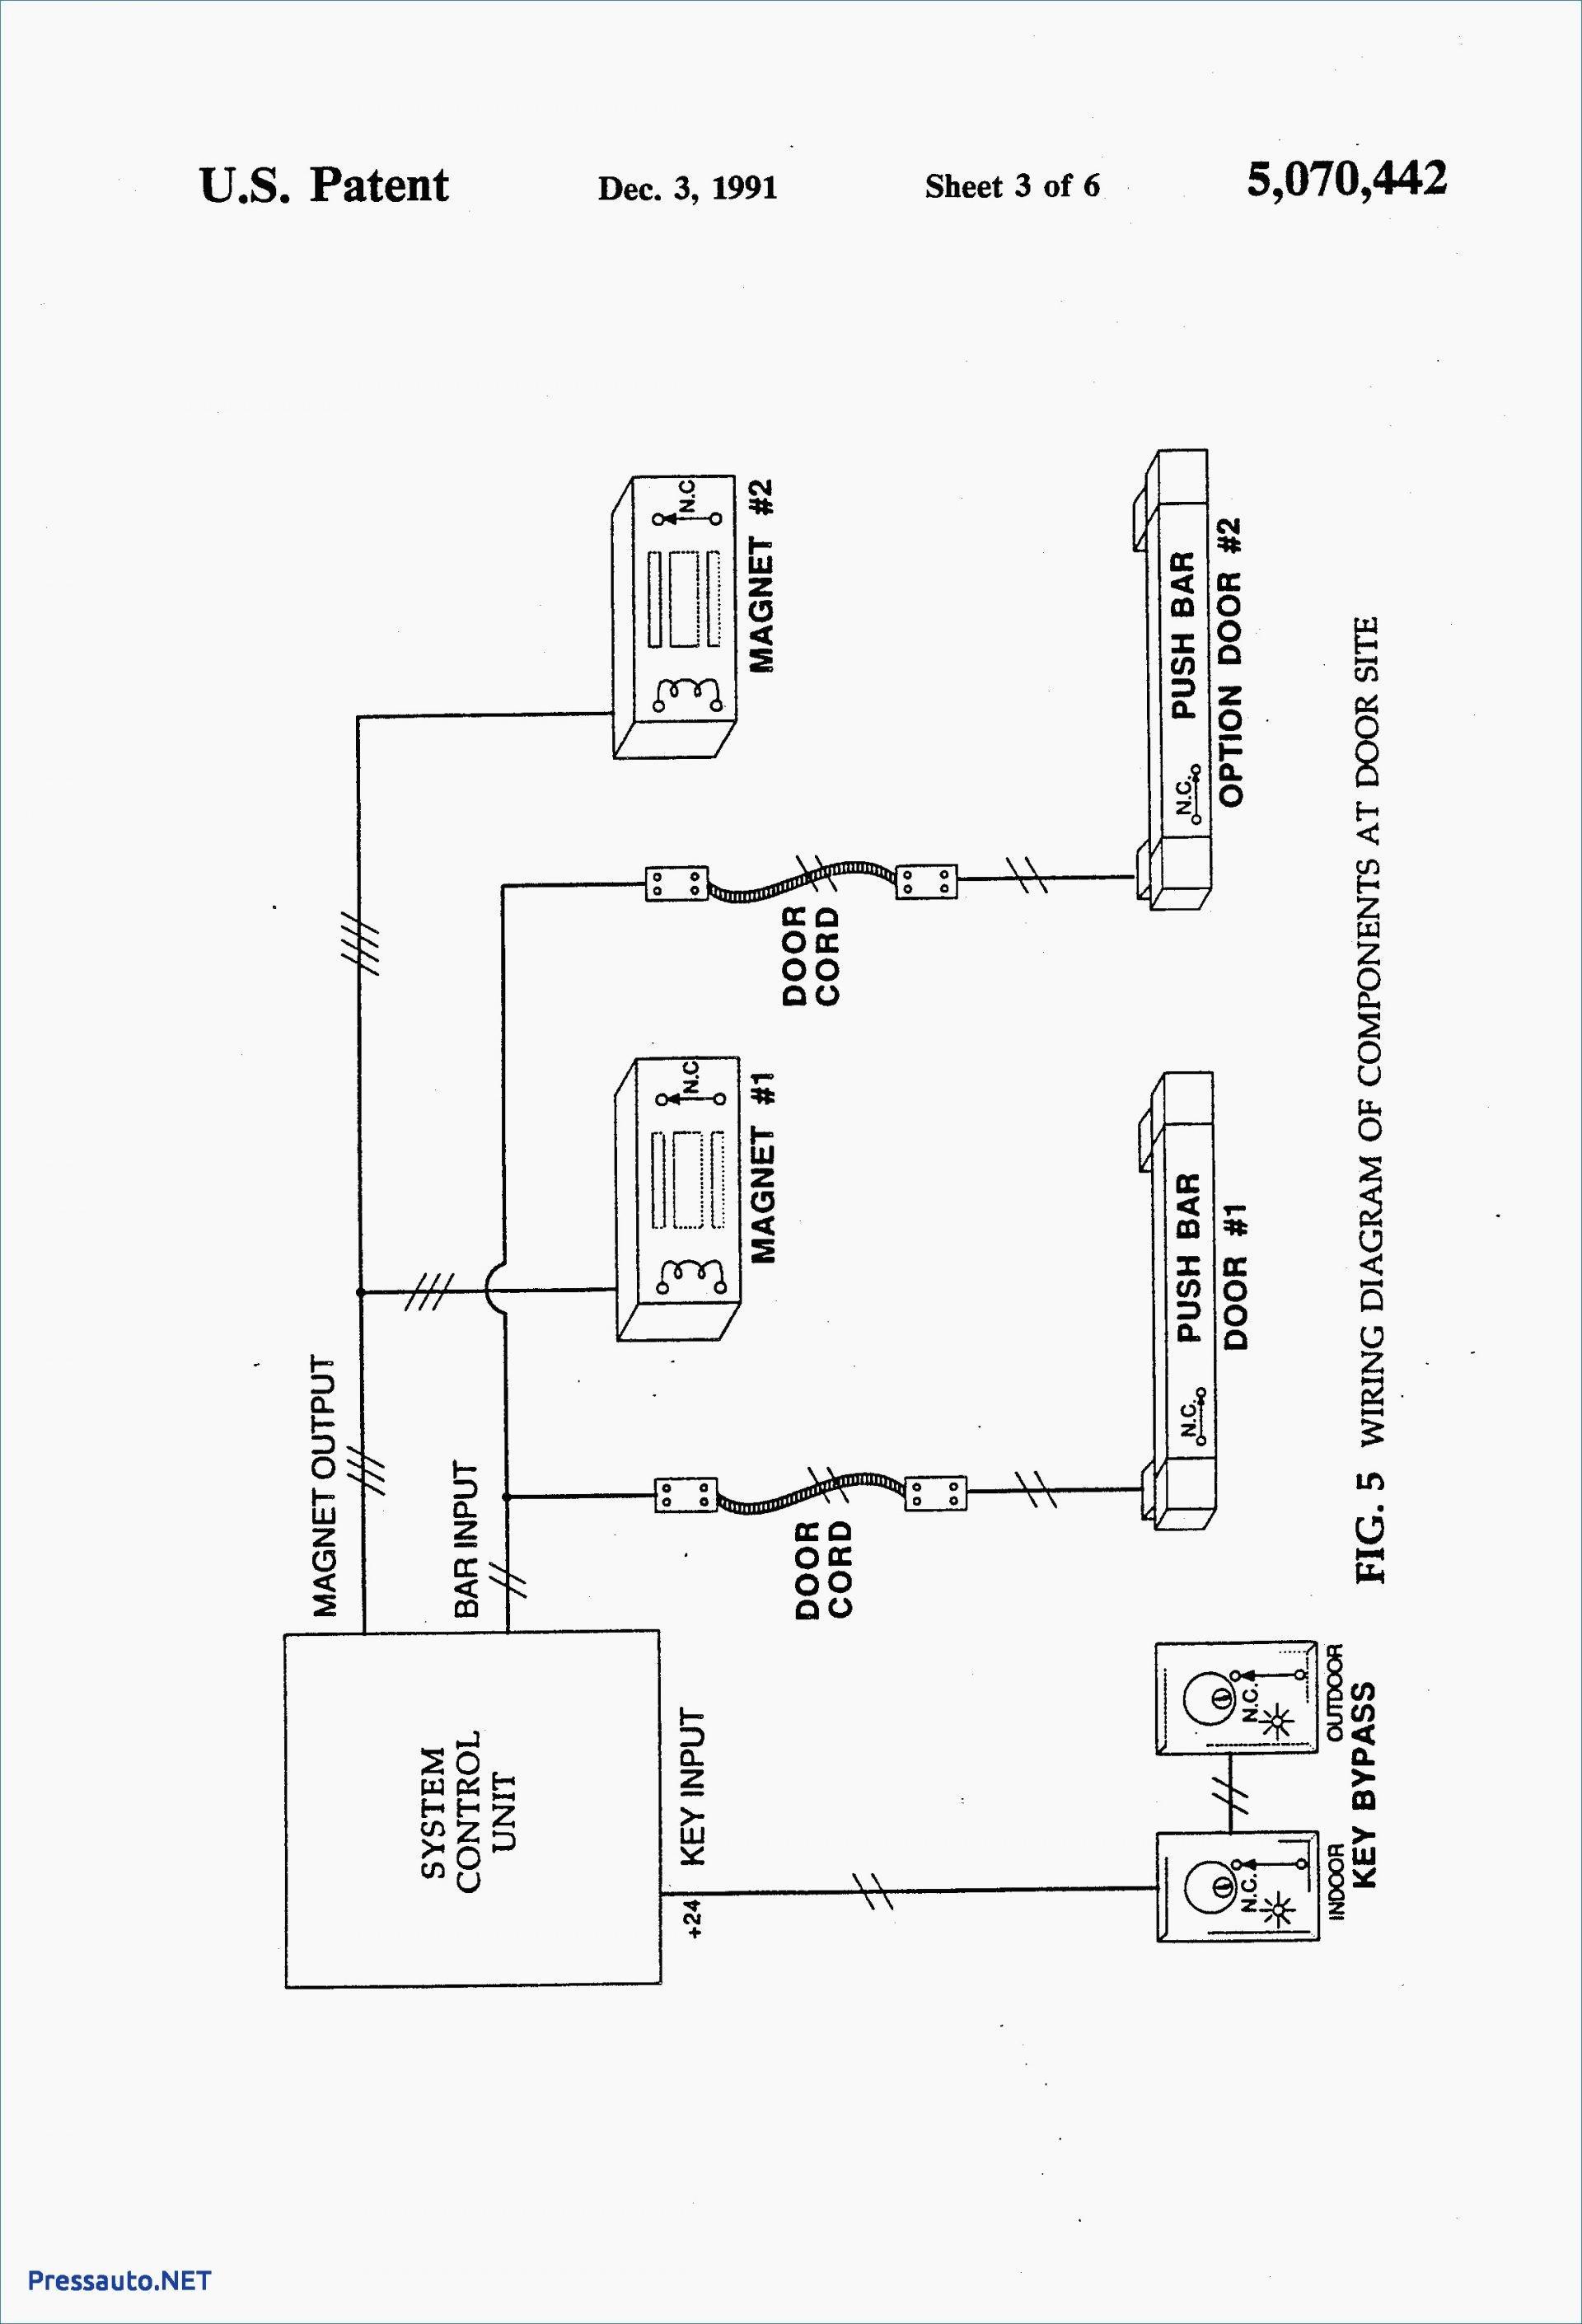 Garbage Disposal Parts Diagram Ge Garbage Disposal Wiring Diagram Book Wiring Diagram Garbage Of Garbage Disposal Parts Diagram